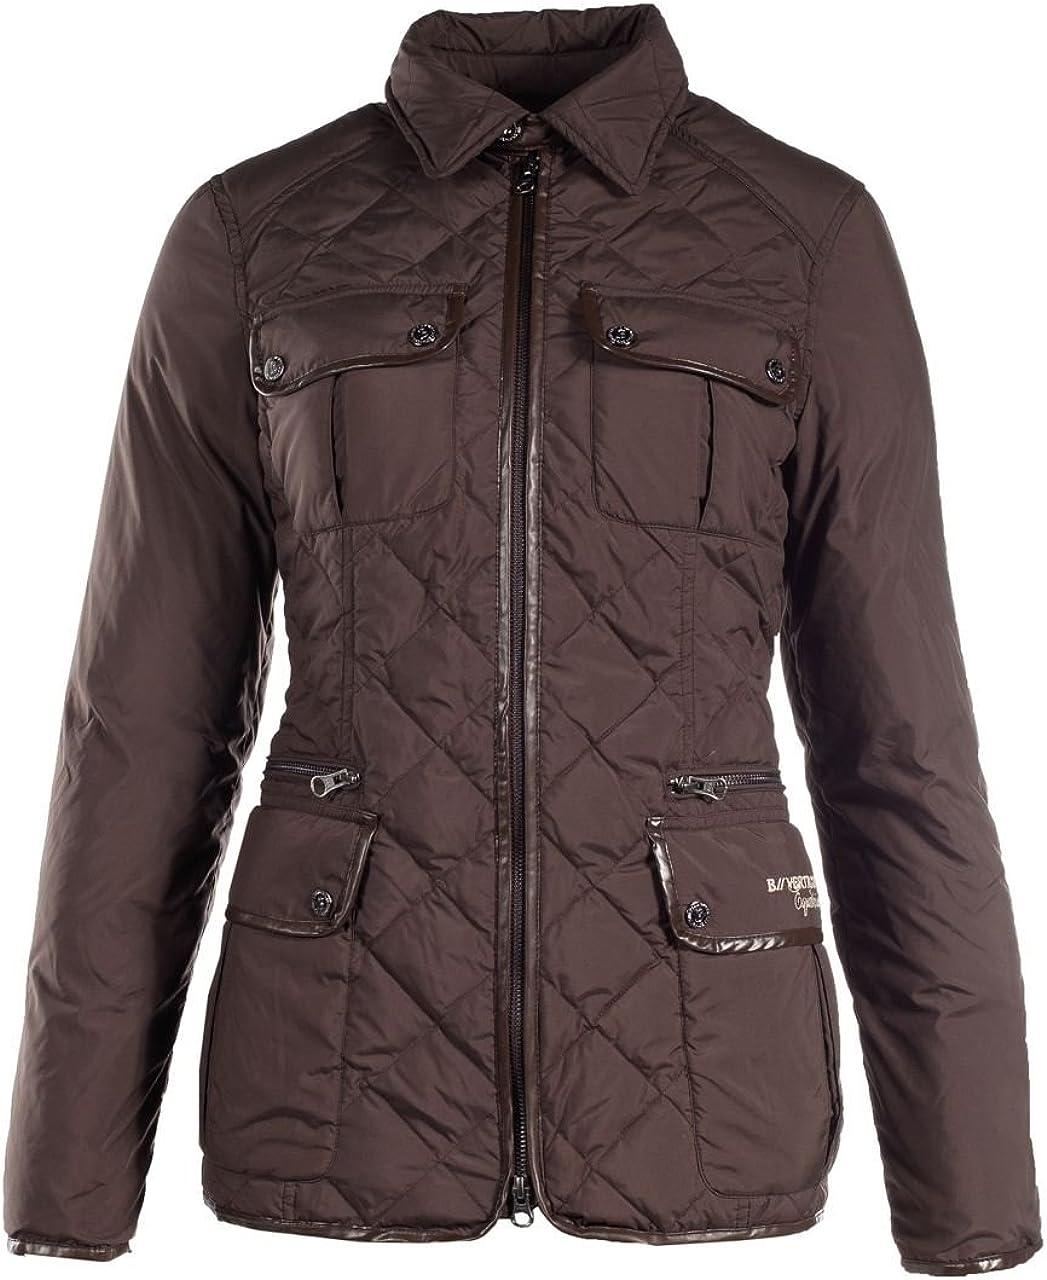 B Vertigo Sarah Women's Classic Jacket - Brown, Large